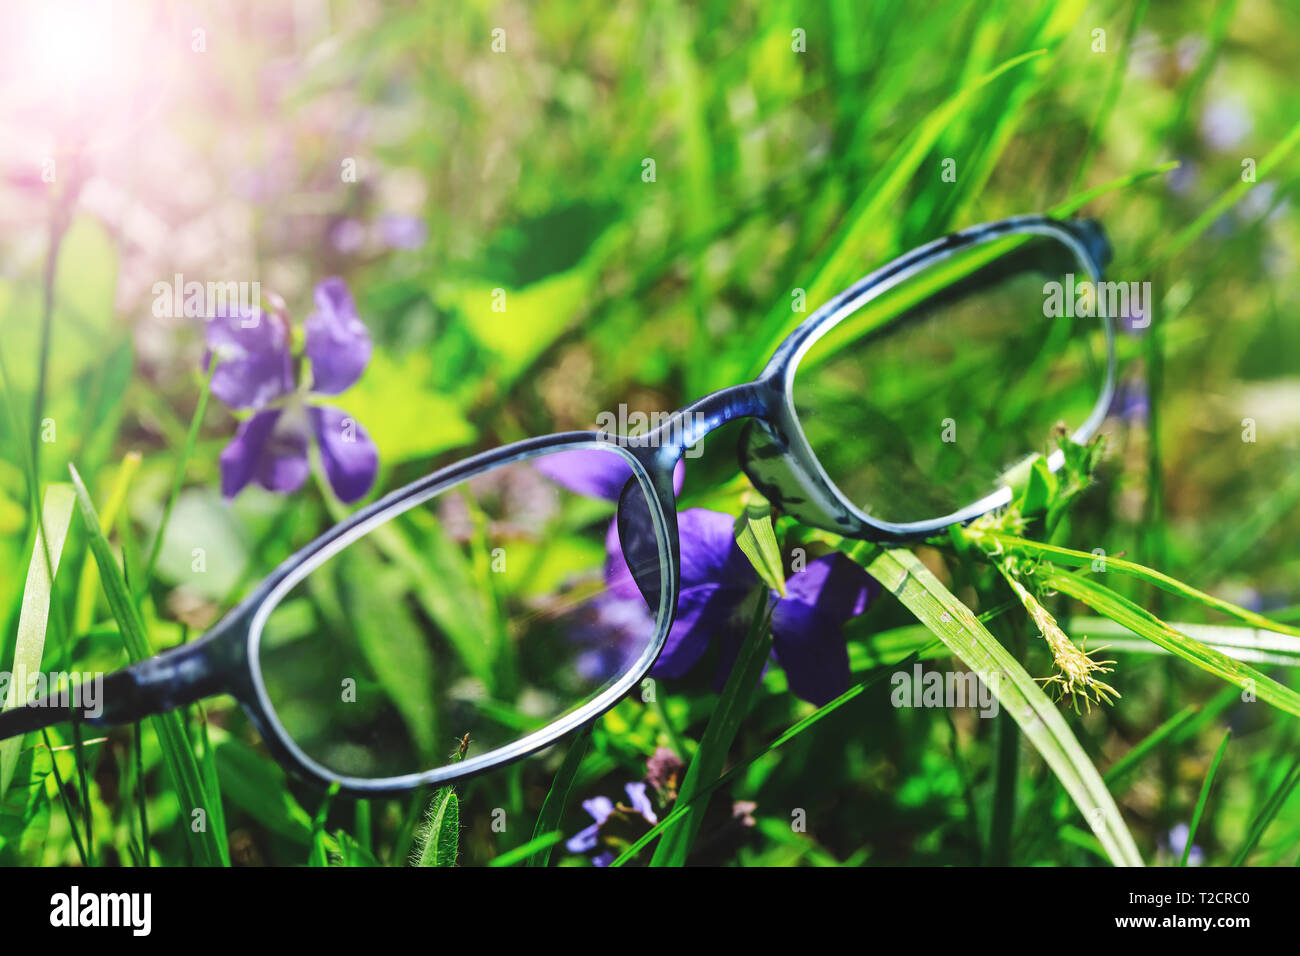 da07fd0ca1 Optometría gafas de fantasía en el pasto verde y flores violetas. Imagen  conceptual de visión